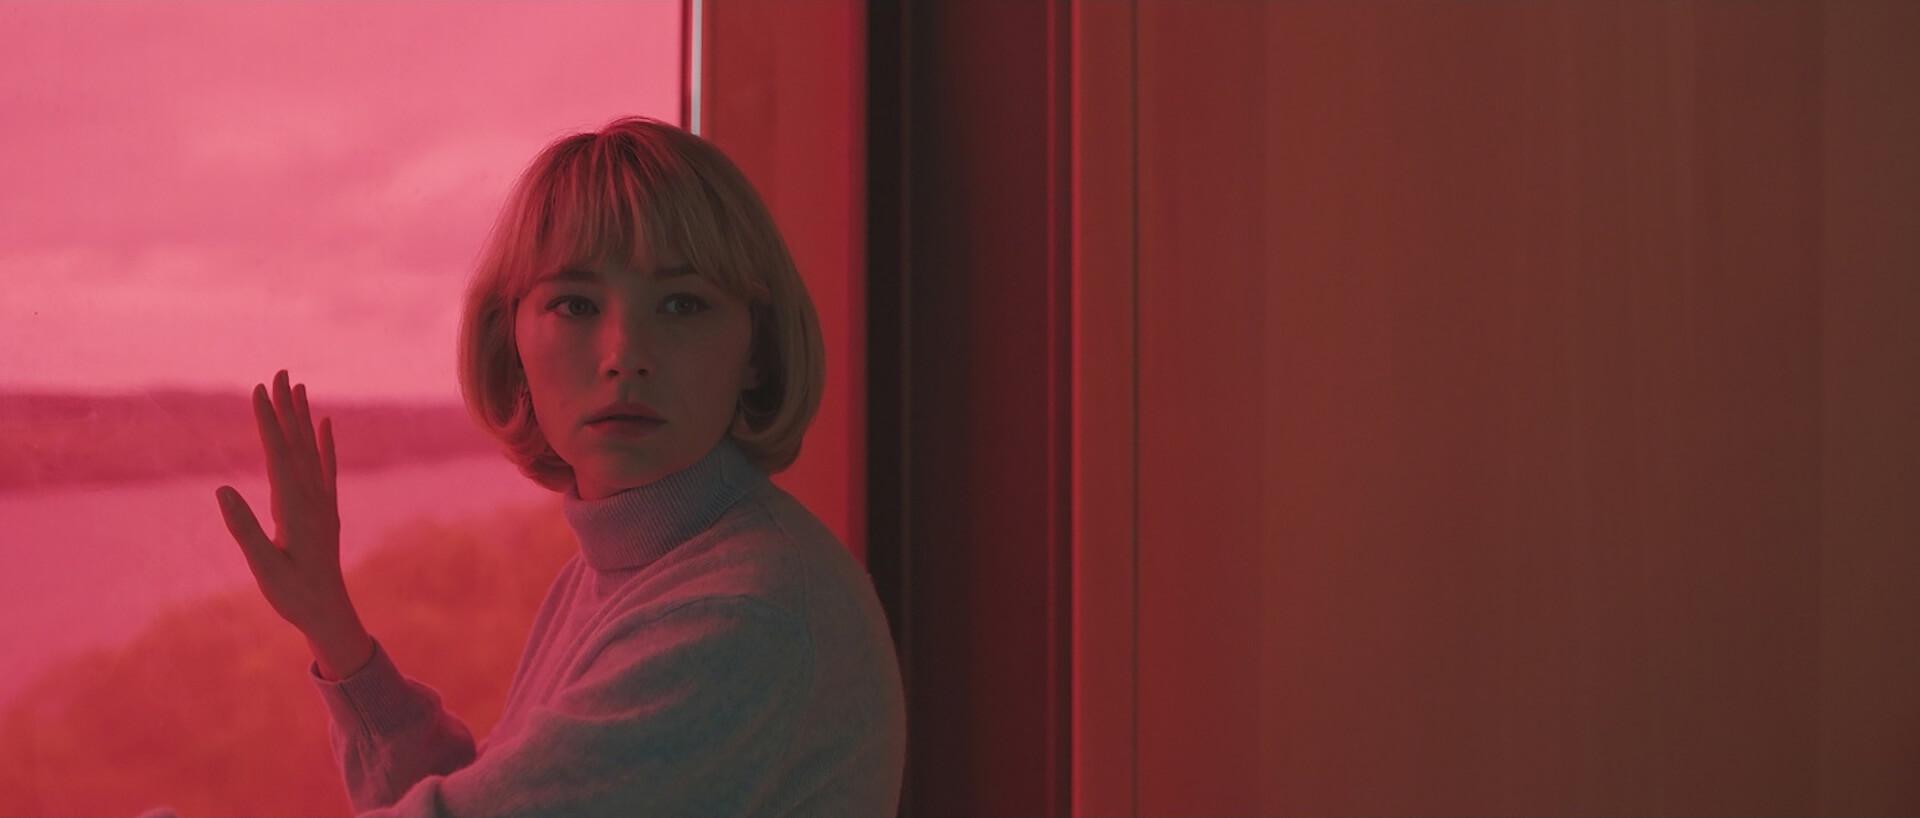 美しくも恐ろしく衝撃的なスリラー!ヘイリー・ベネット主演映画『Swallow/スワロウ』が公開決定&日本版アートワークも解禁 film201113_swallow_2